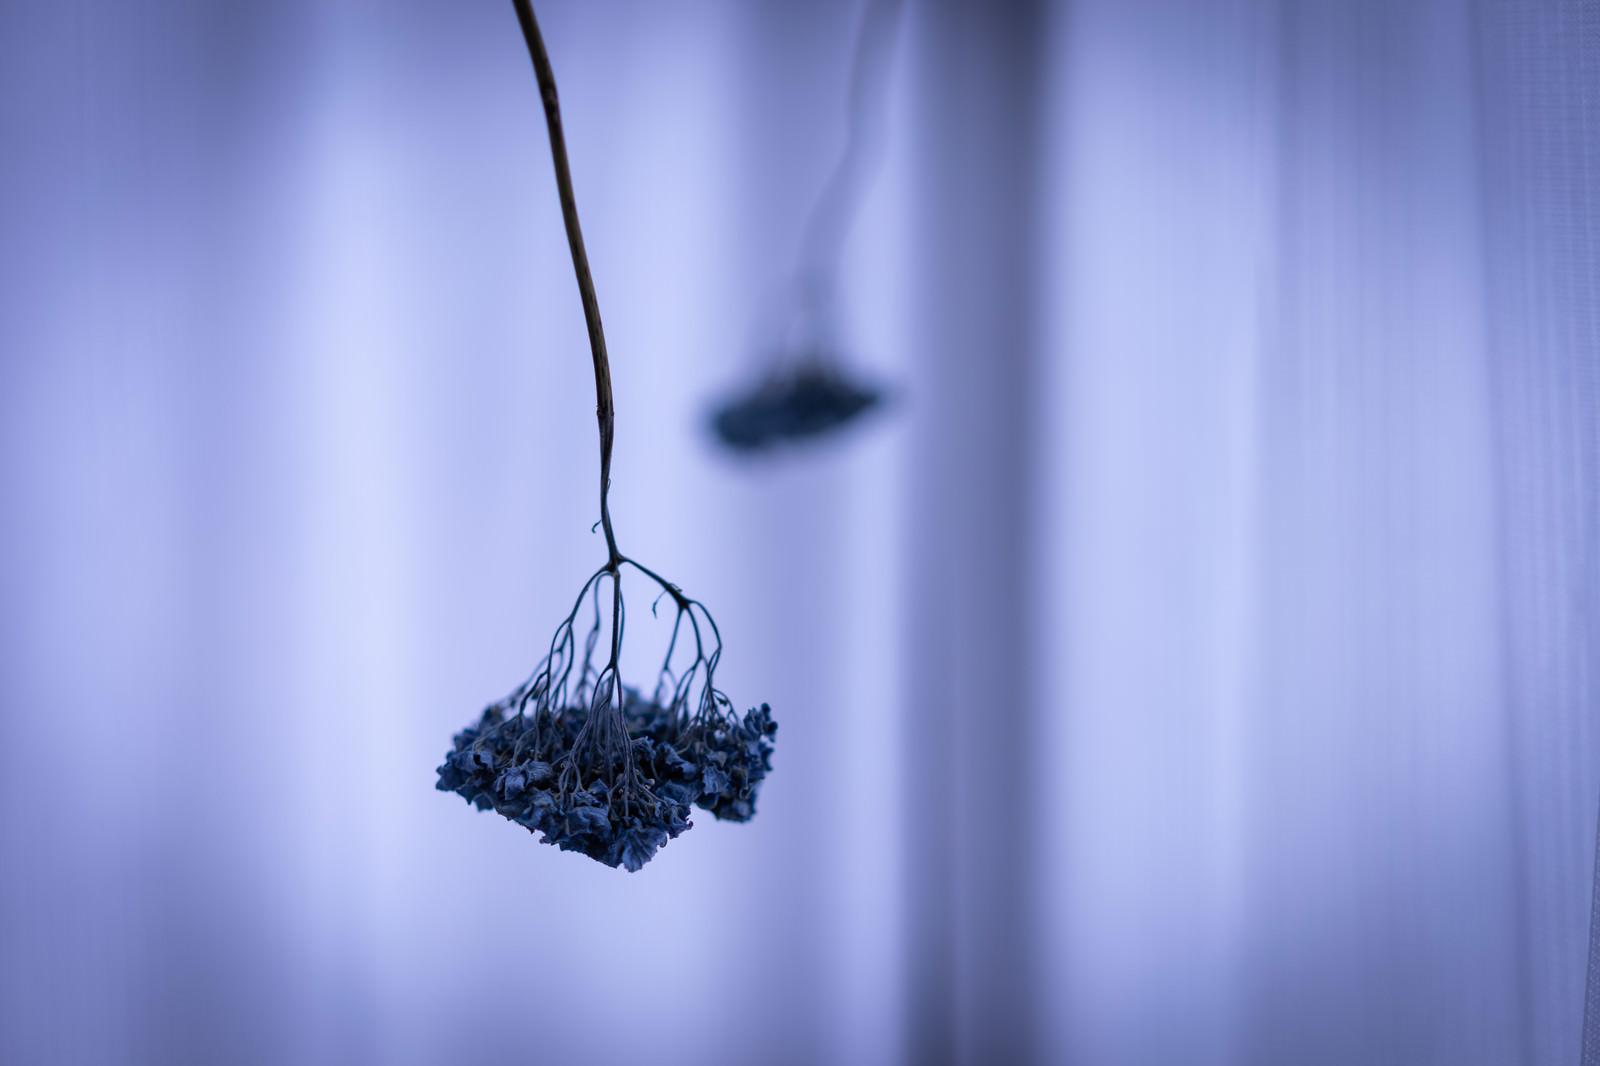 「ぶら下がるドライフラワー」の写真